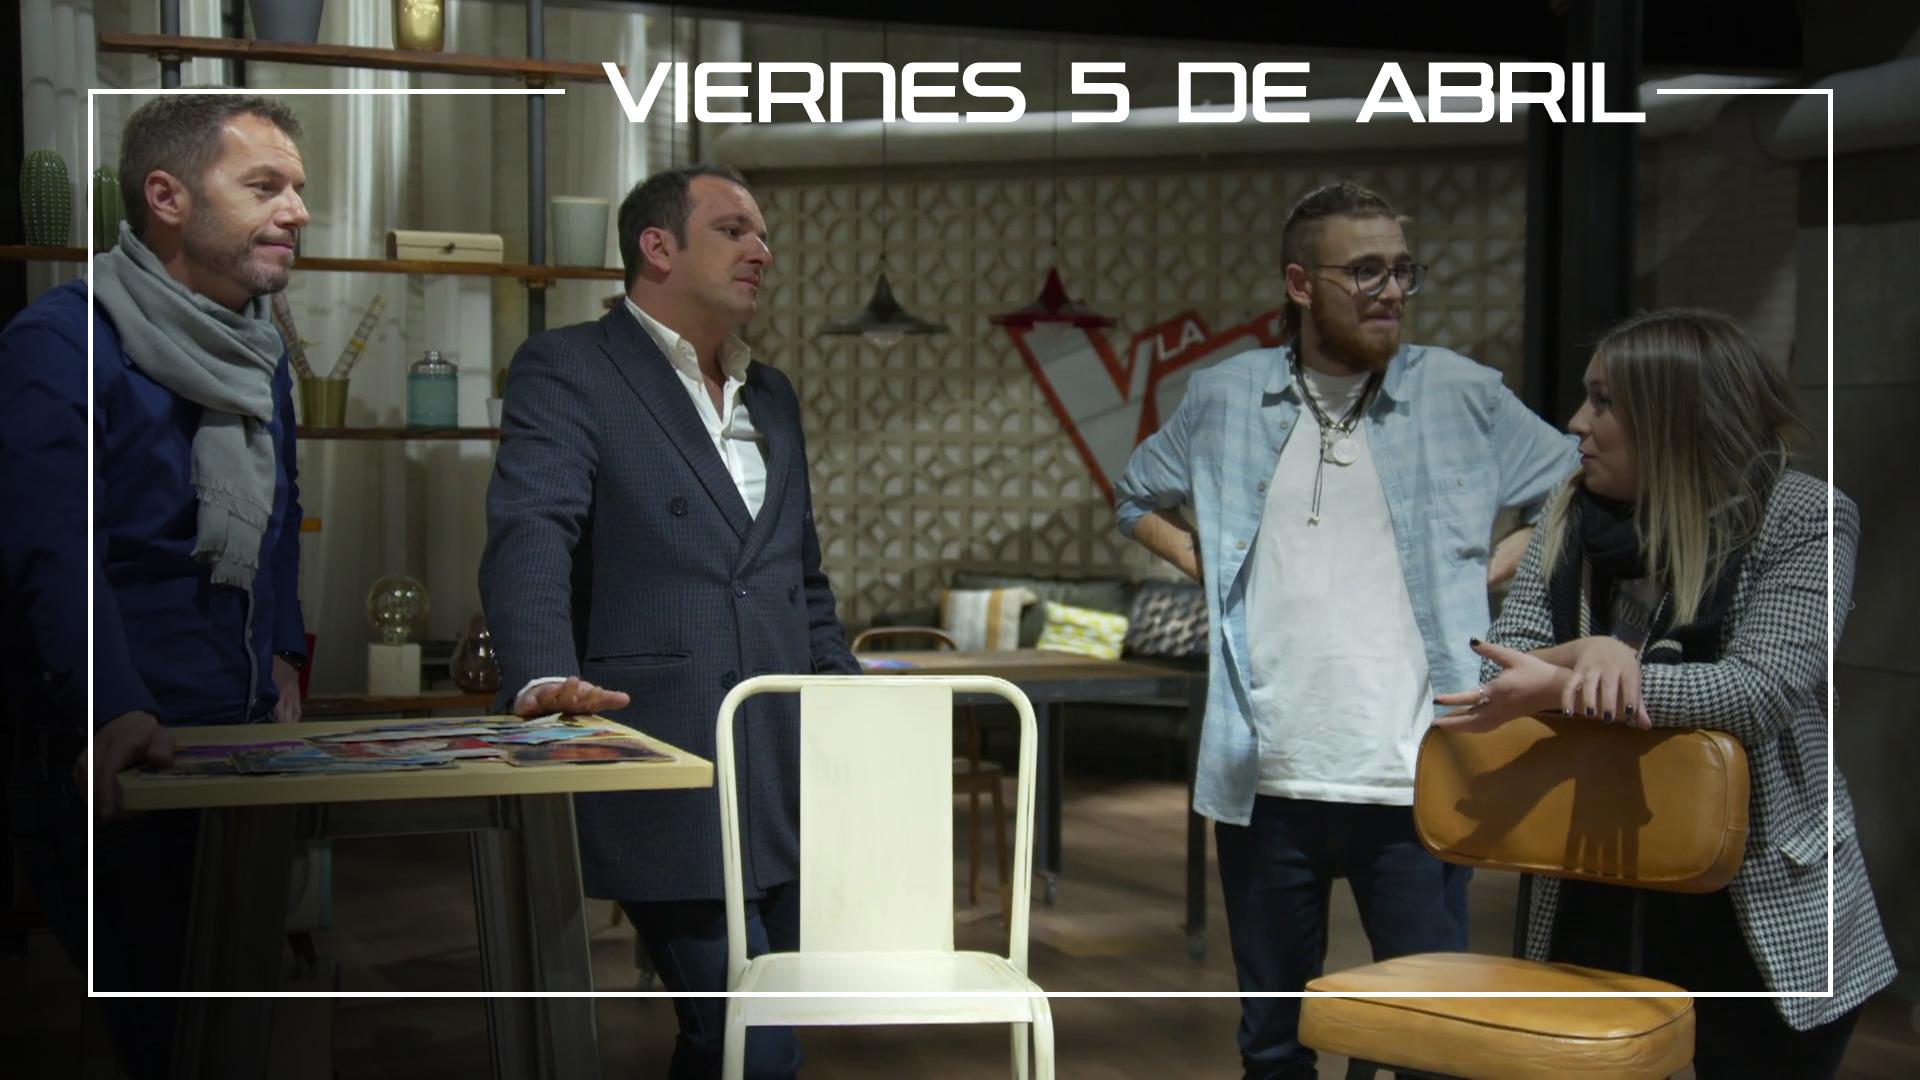 Viernes 5 de abril Los finalistas de 'La Voz' recuerdan su paso por el programa